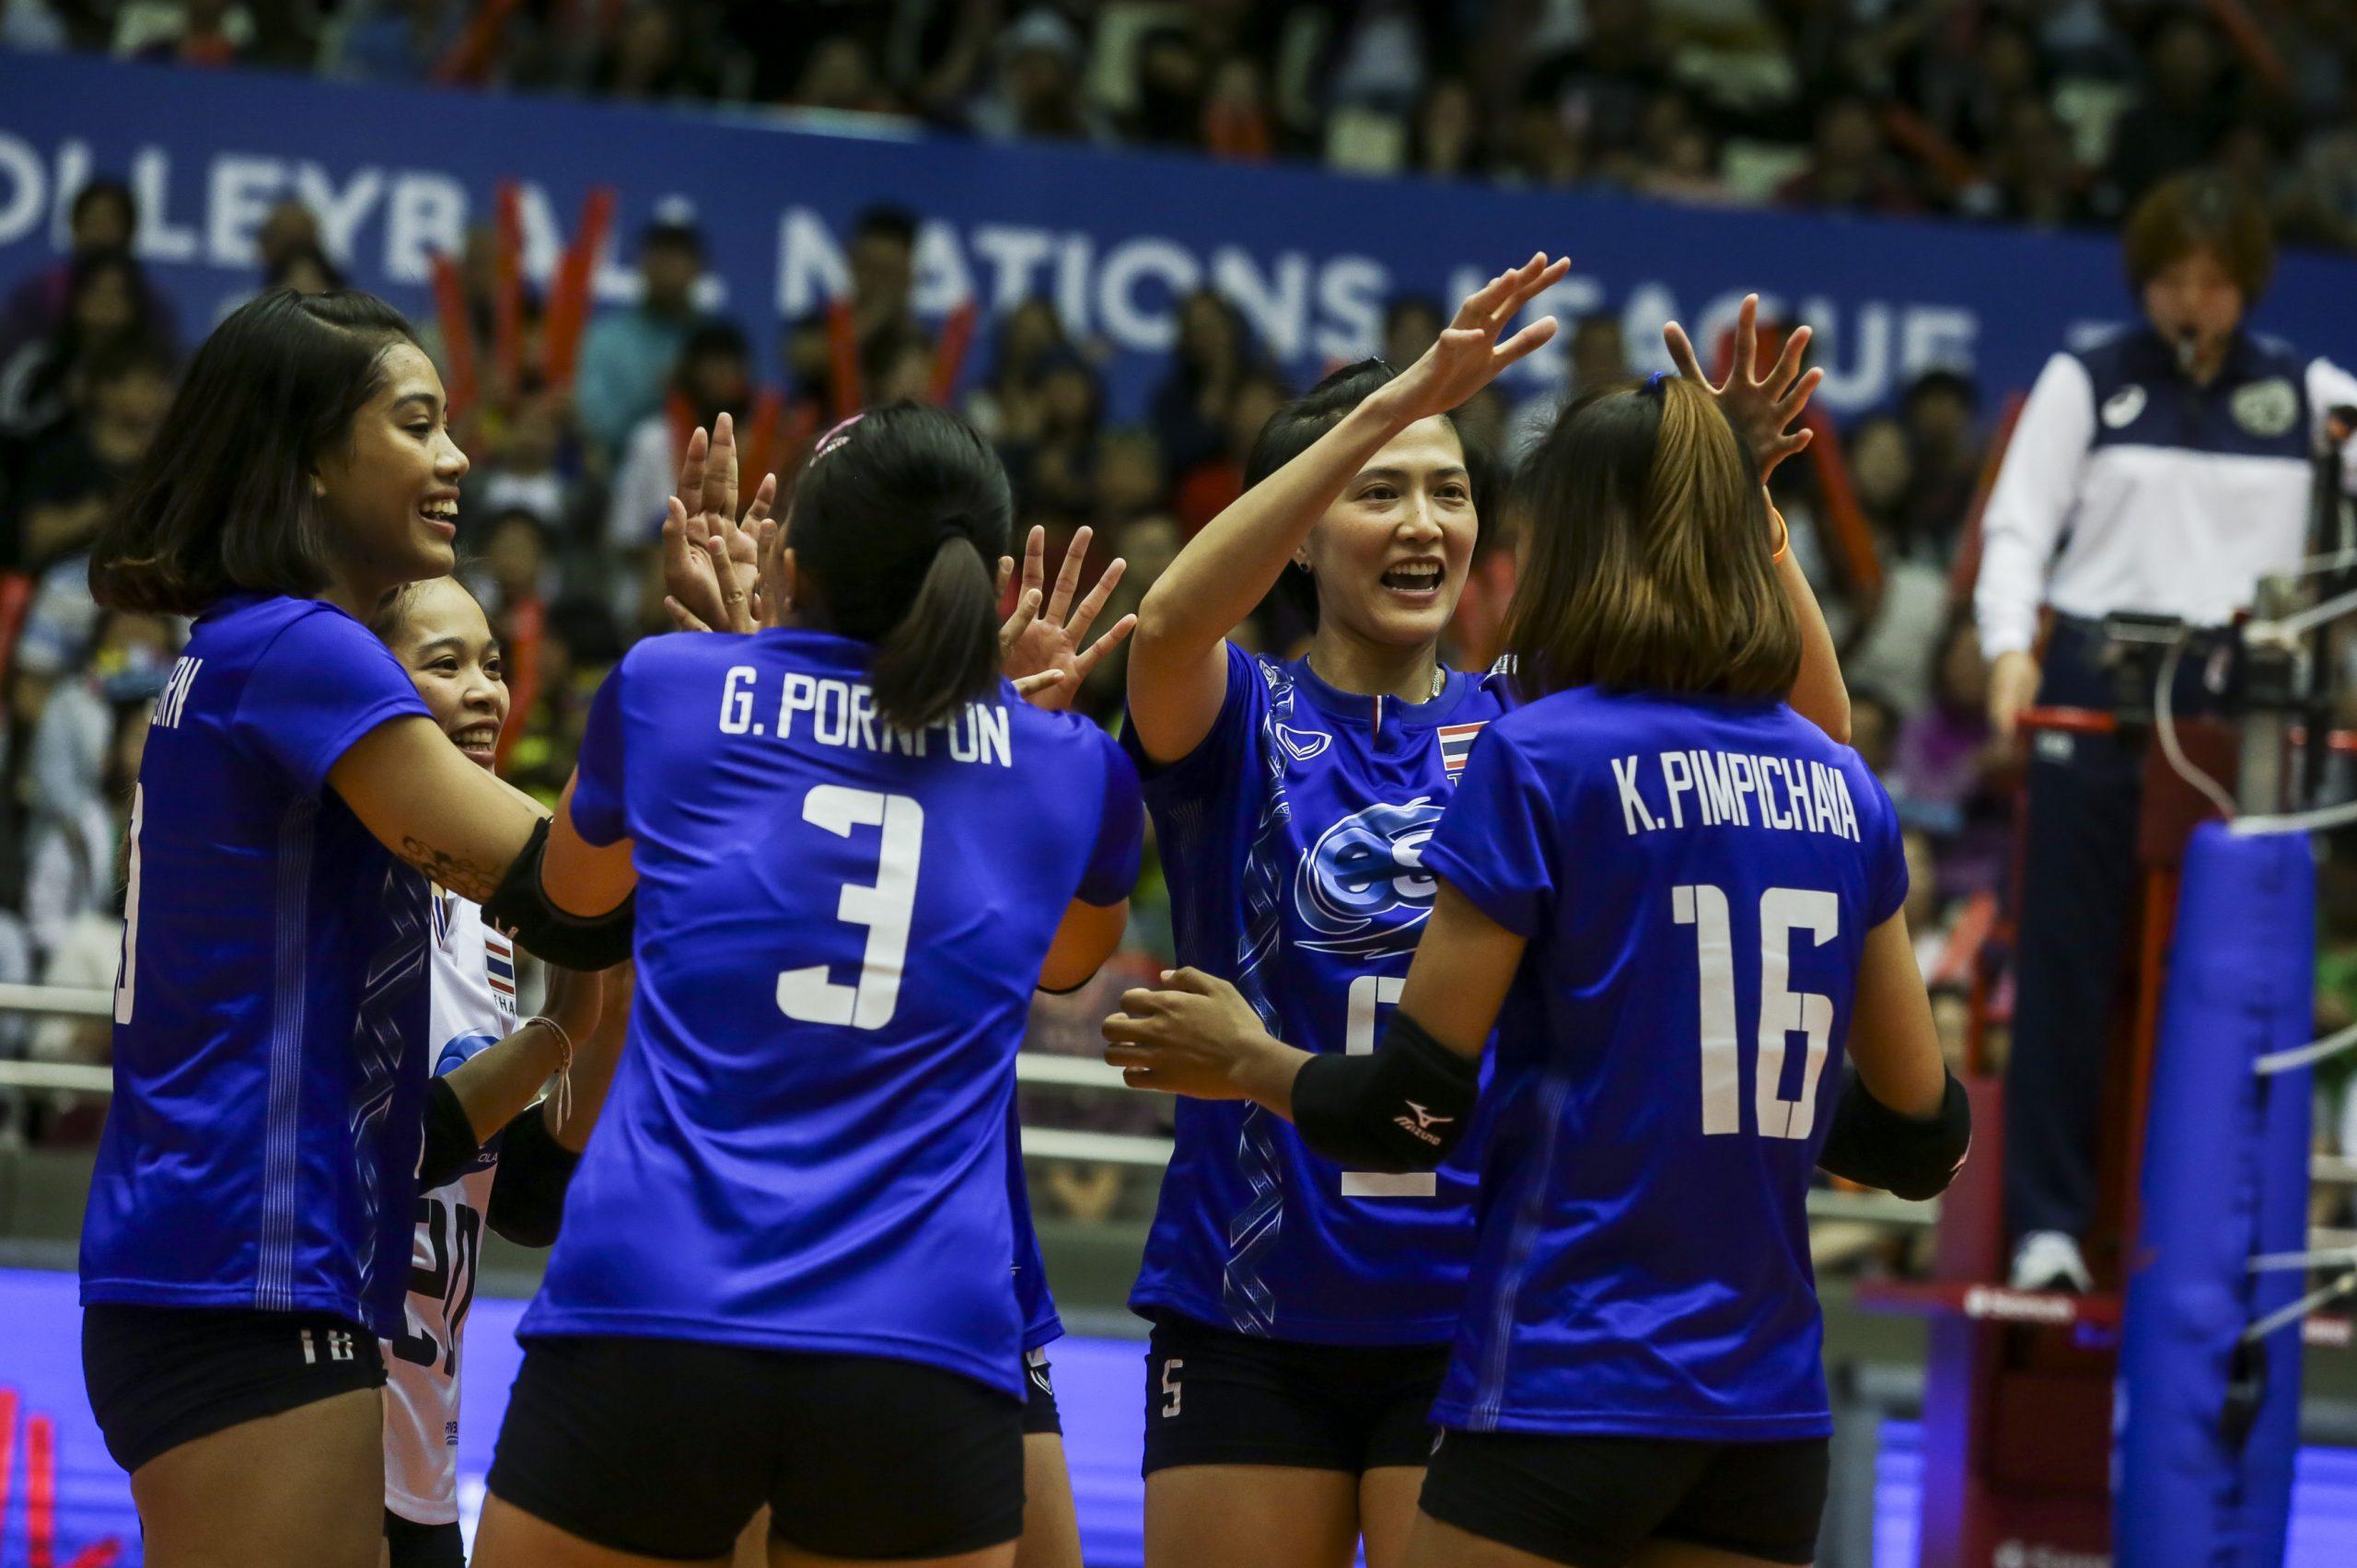 วอลเลย์บอลหญิงทีมชาติไทย วอลเลย์บอลหญิงเนชันส์ลีก